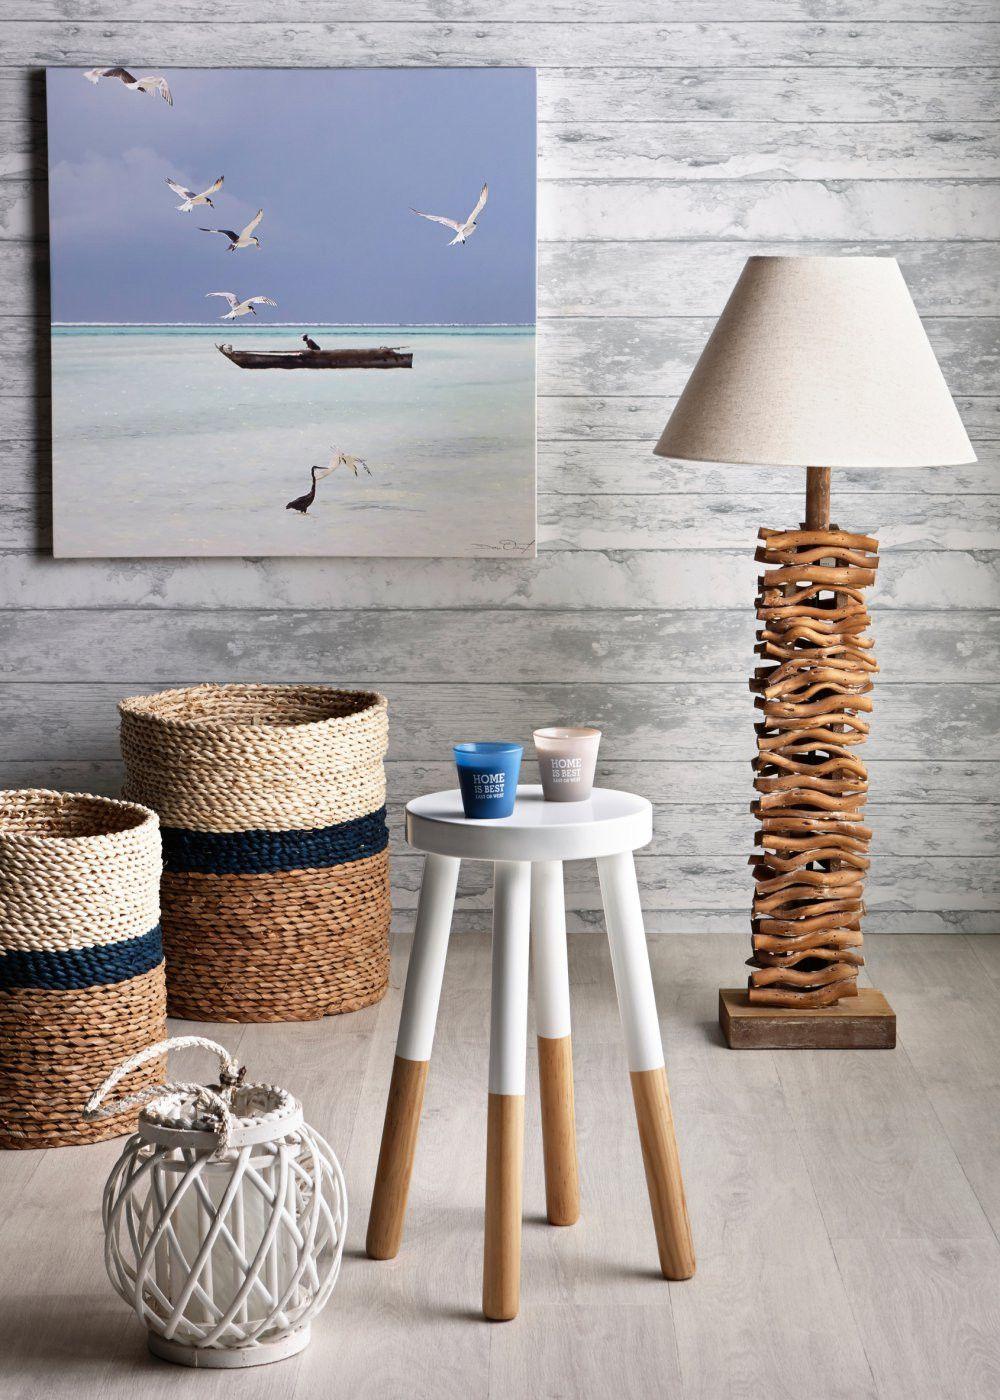 20 id es pour une terrasse de style bord de mer deco. Black Bedroom Furniture Sets. Home Design Ideas